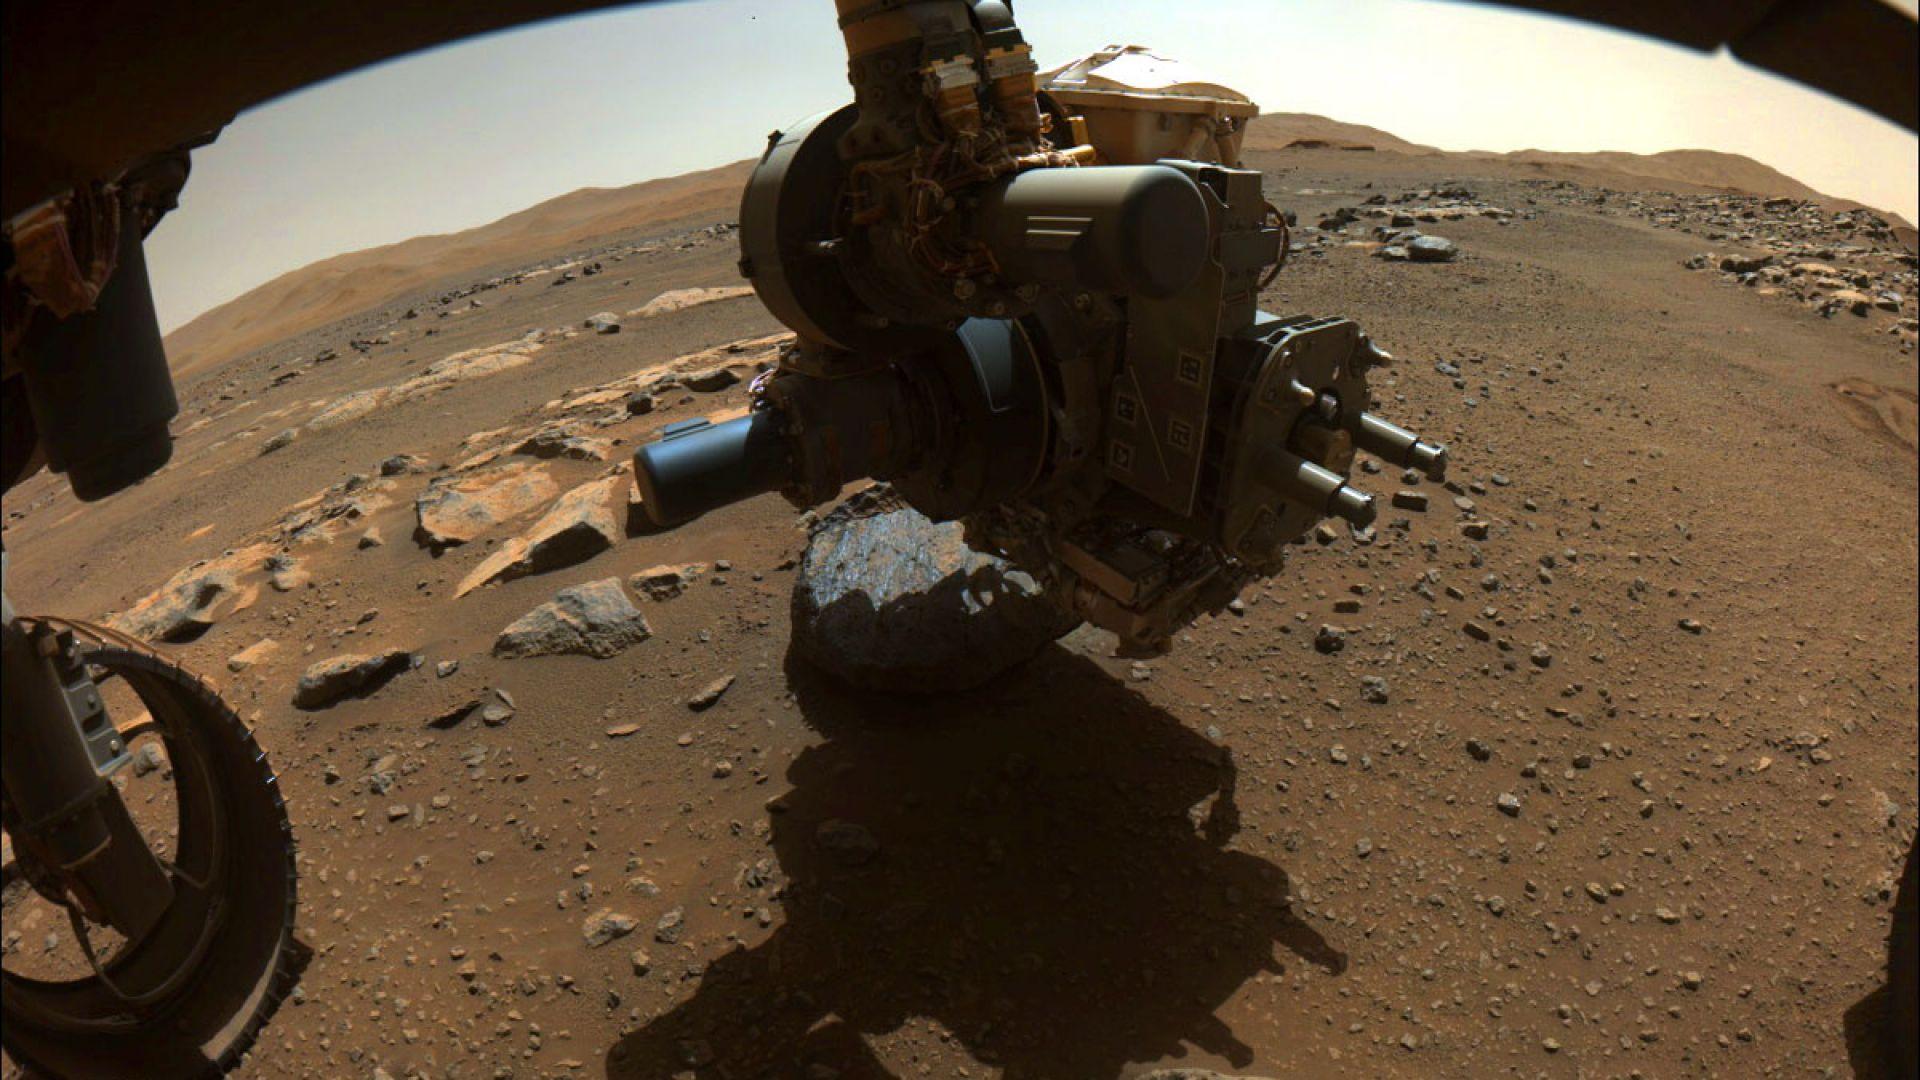 На Марс е имало вода дълго време, според новите проби от Perseverance